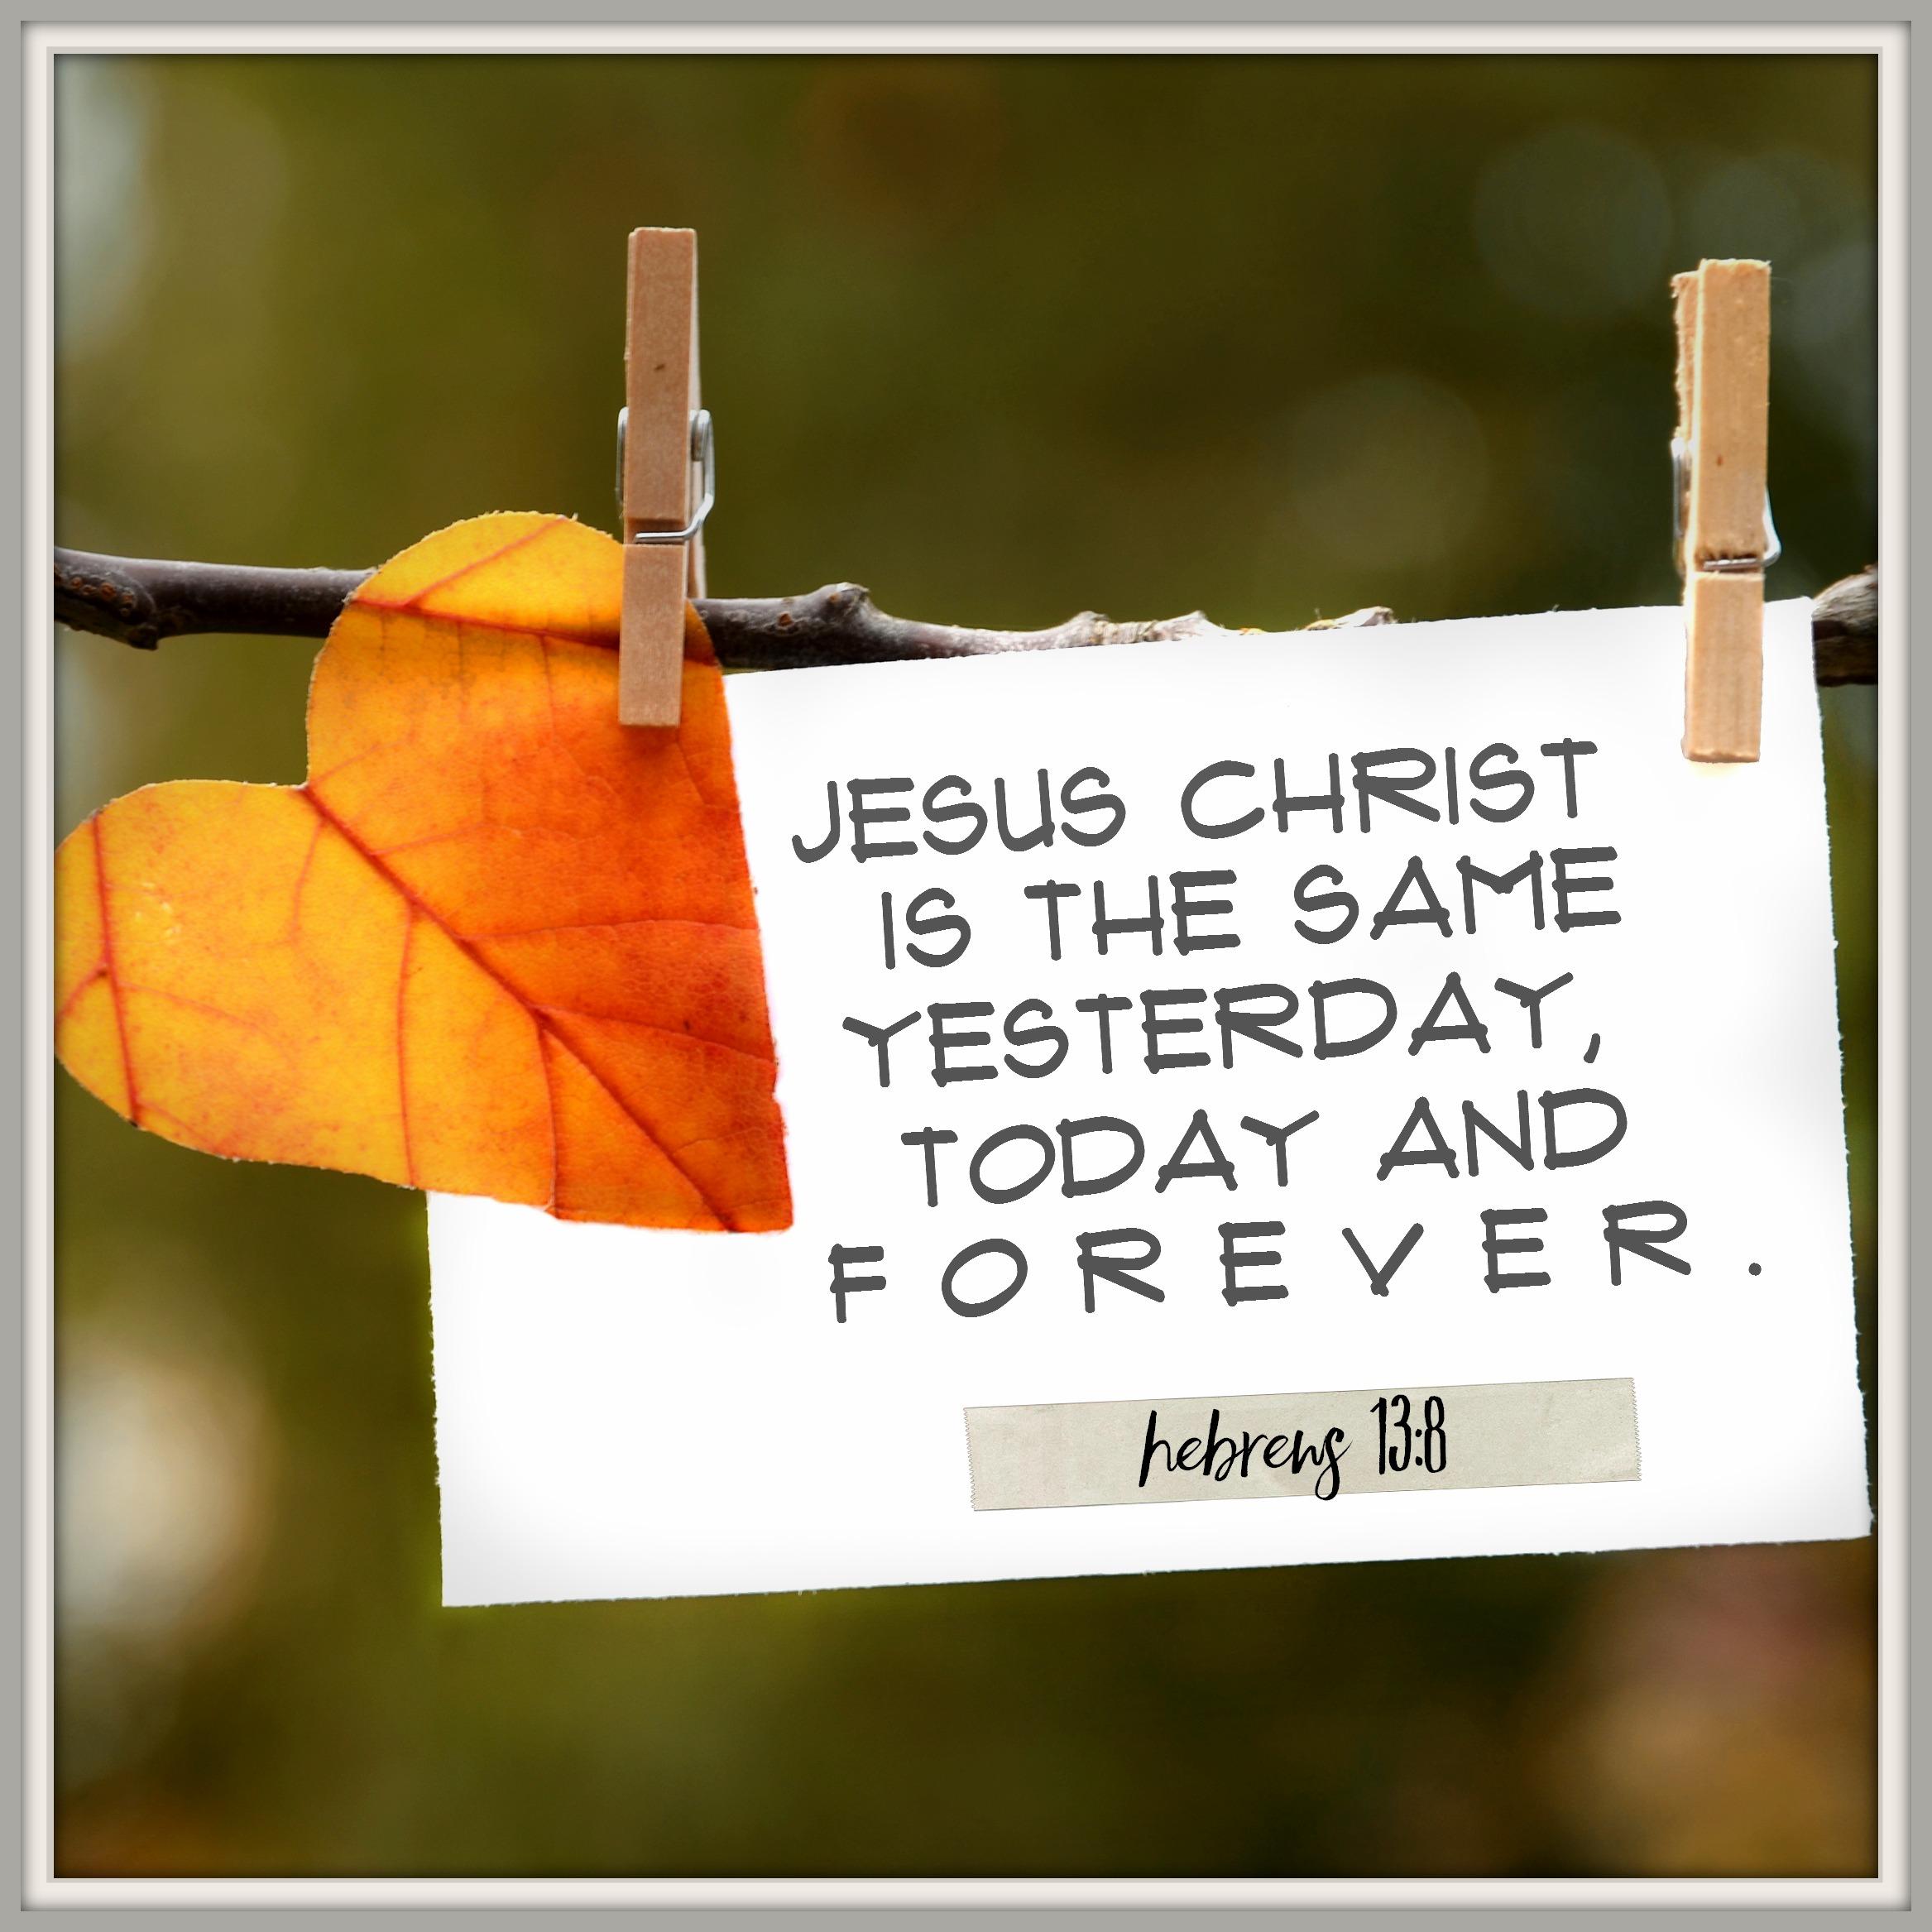 Daily Verse: Hebrews 13:8